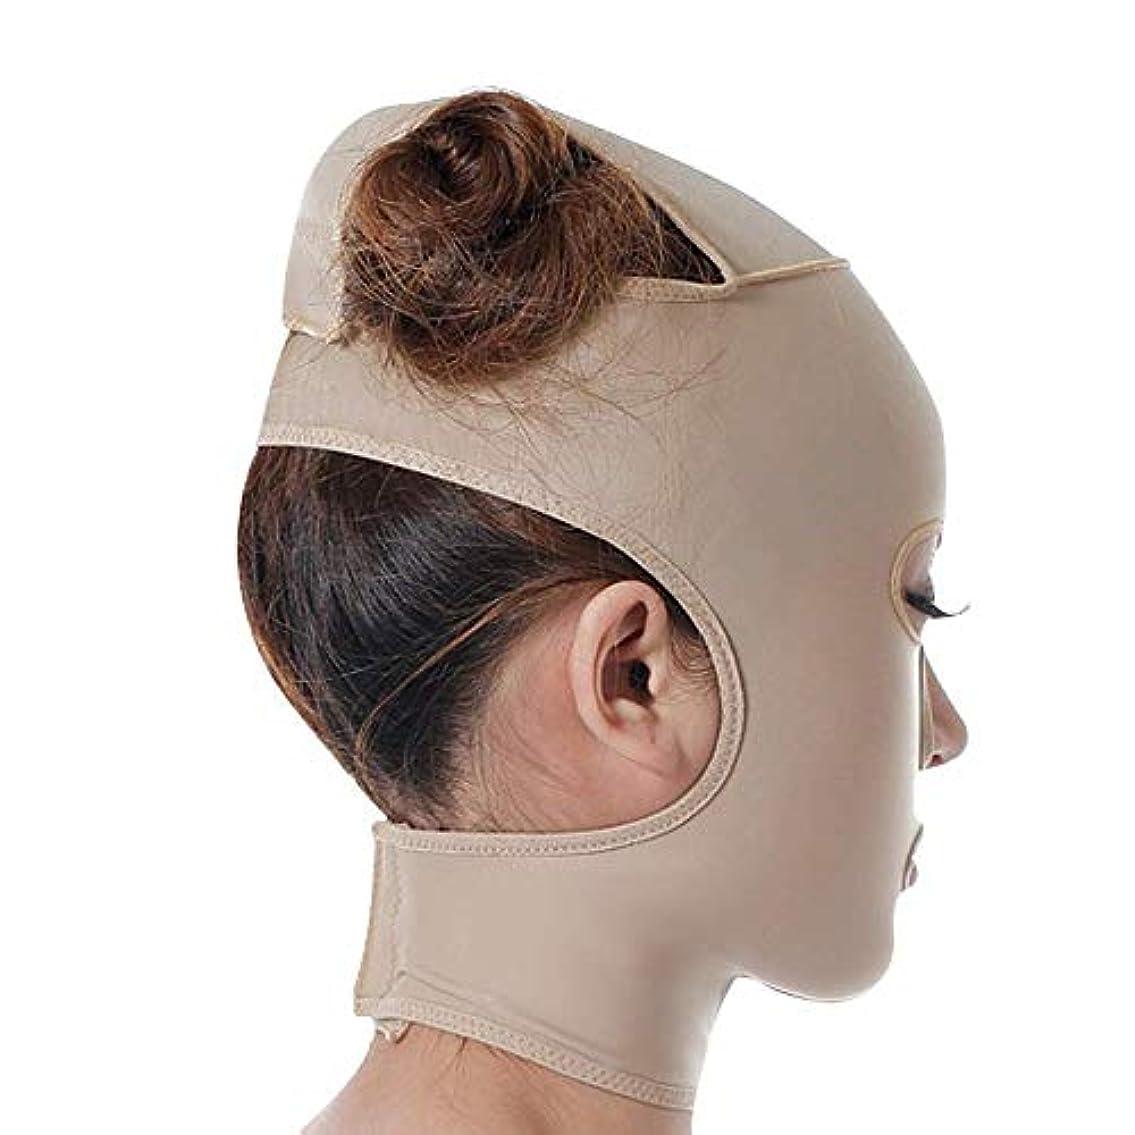 サンドイッチごめんなさい教えファーミングフェイスマスク、フェイシャルマスクビューティーメディシンフェイスマスクビューティーVフェイスバンデージラインカービングリフティングファーミングダブルチンマスク(サイズ:M)